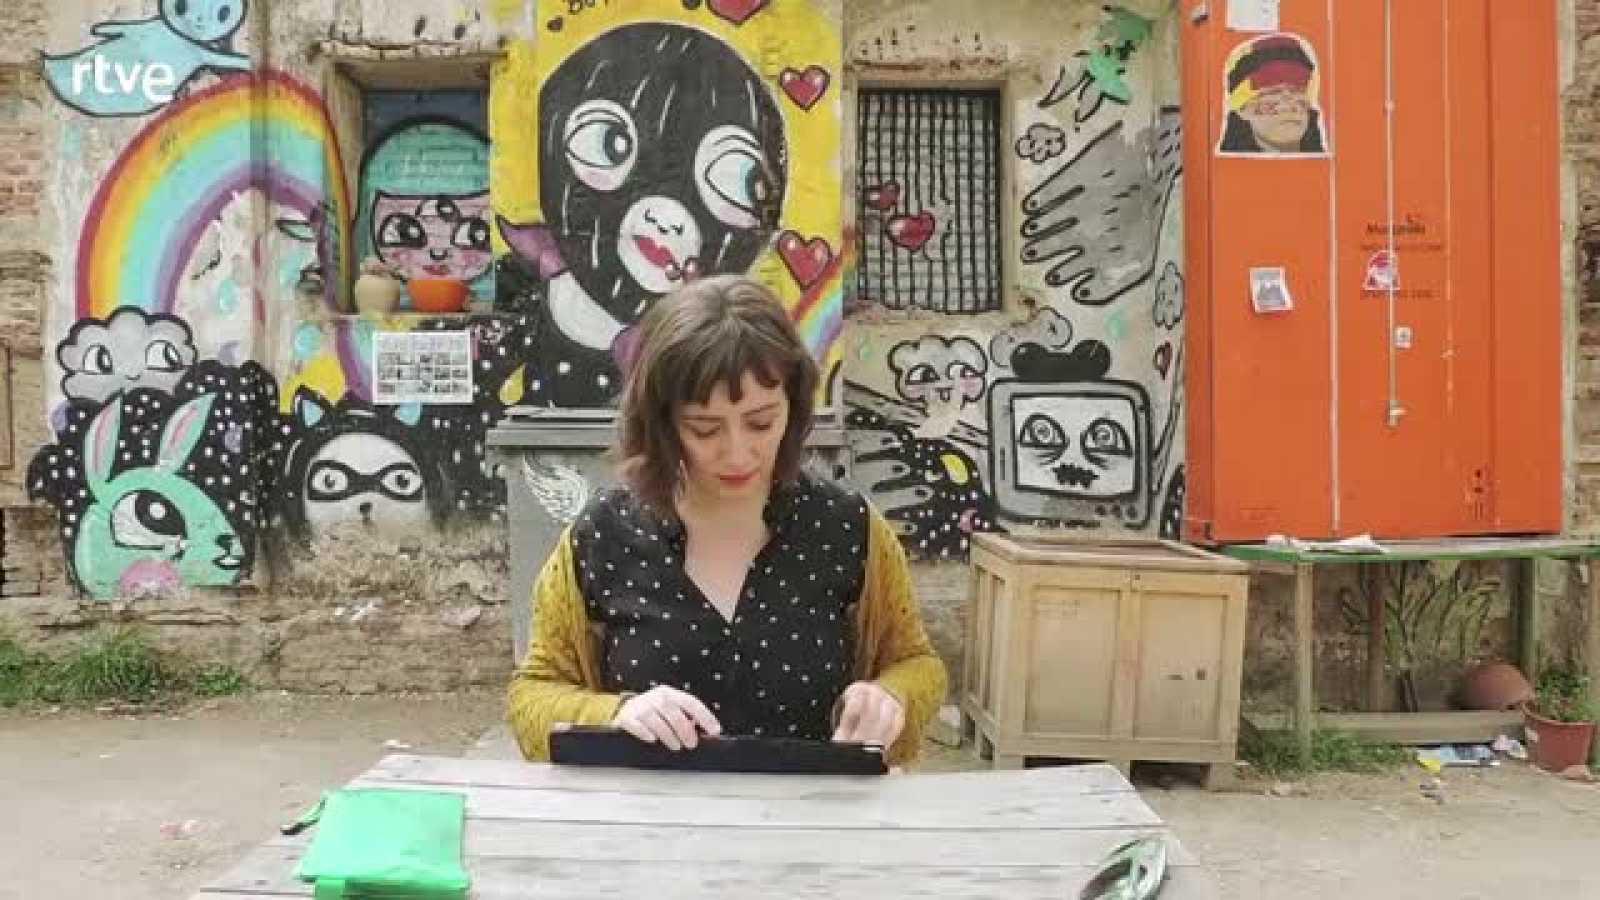 Procesadora #2 - Ana Galvañ. Viñetas delicadas, historias potentes - 11/05/15 - Ver ahora